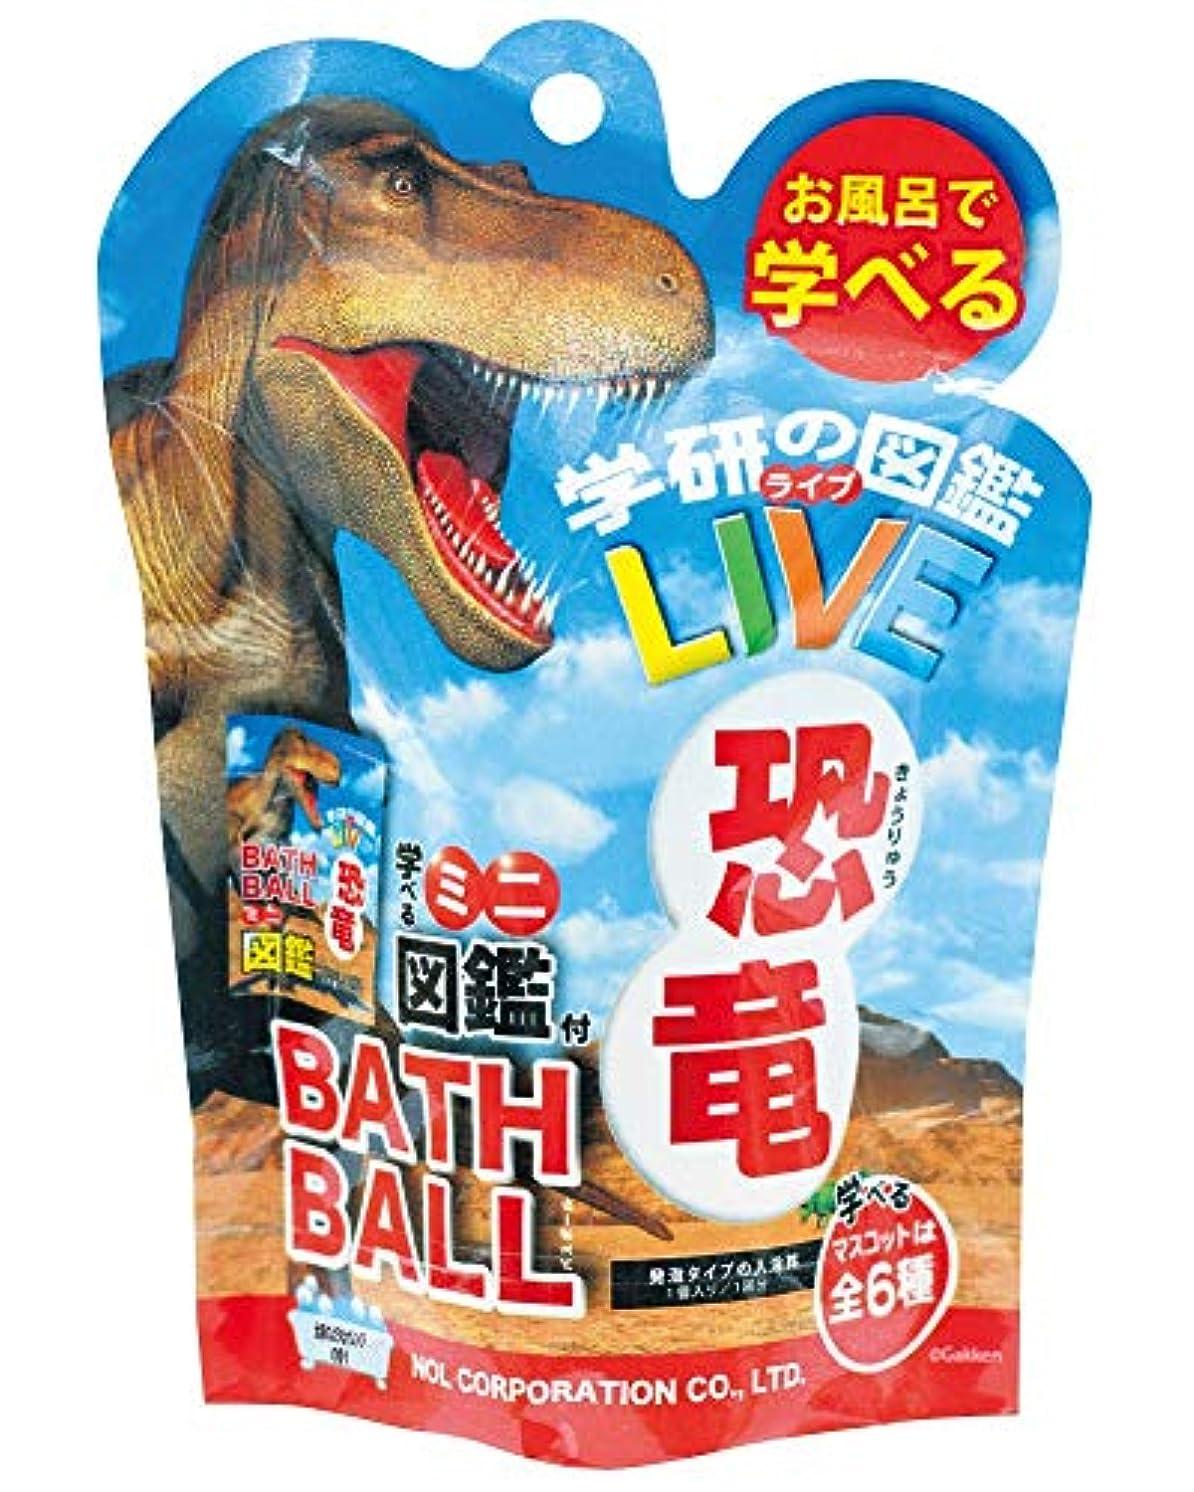 慣れているホスト部分的ノルコーポレーション 学研の図鑑ライブ 恐竜 バスボール マスコット ミニ図鑑付き GKN-1-01 入浴剤 オレンジの香り 90g